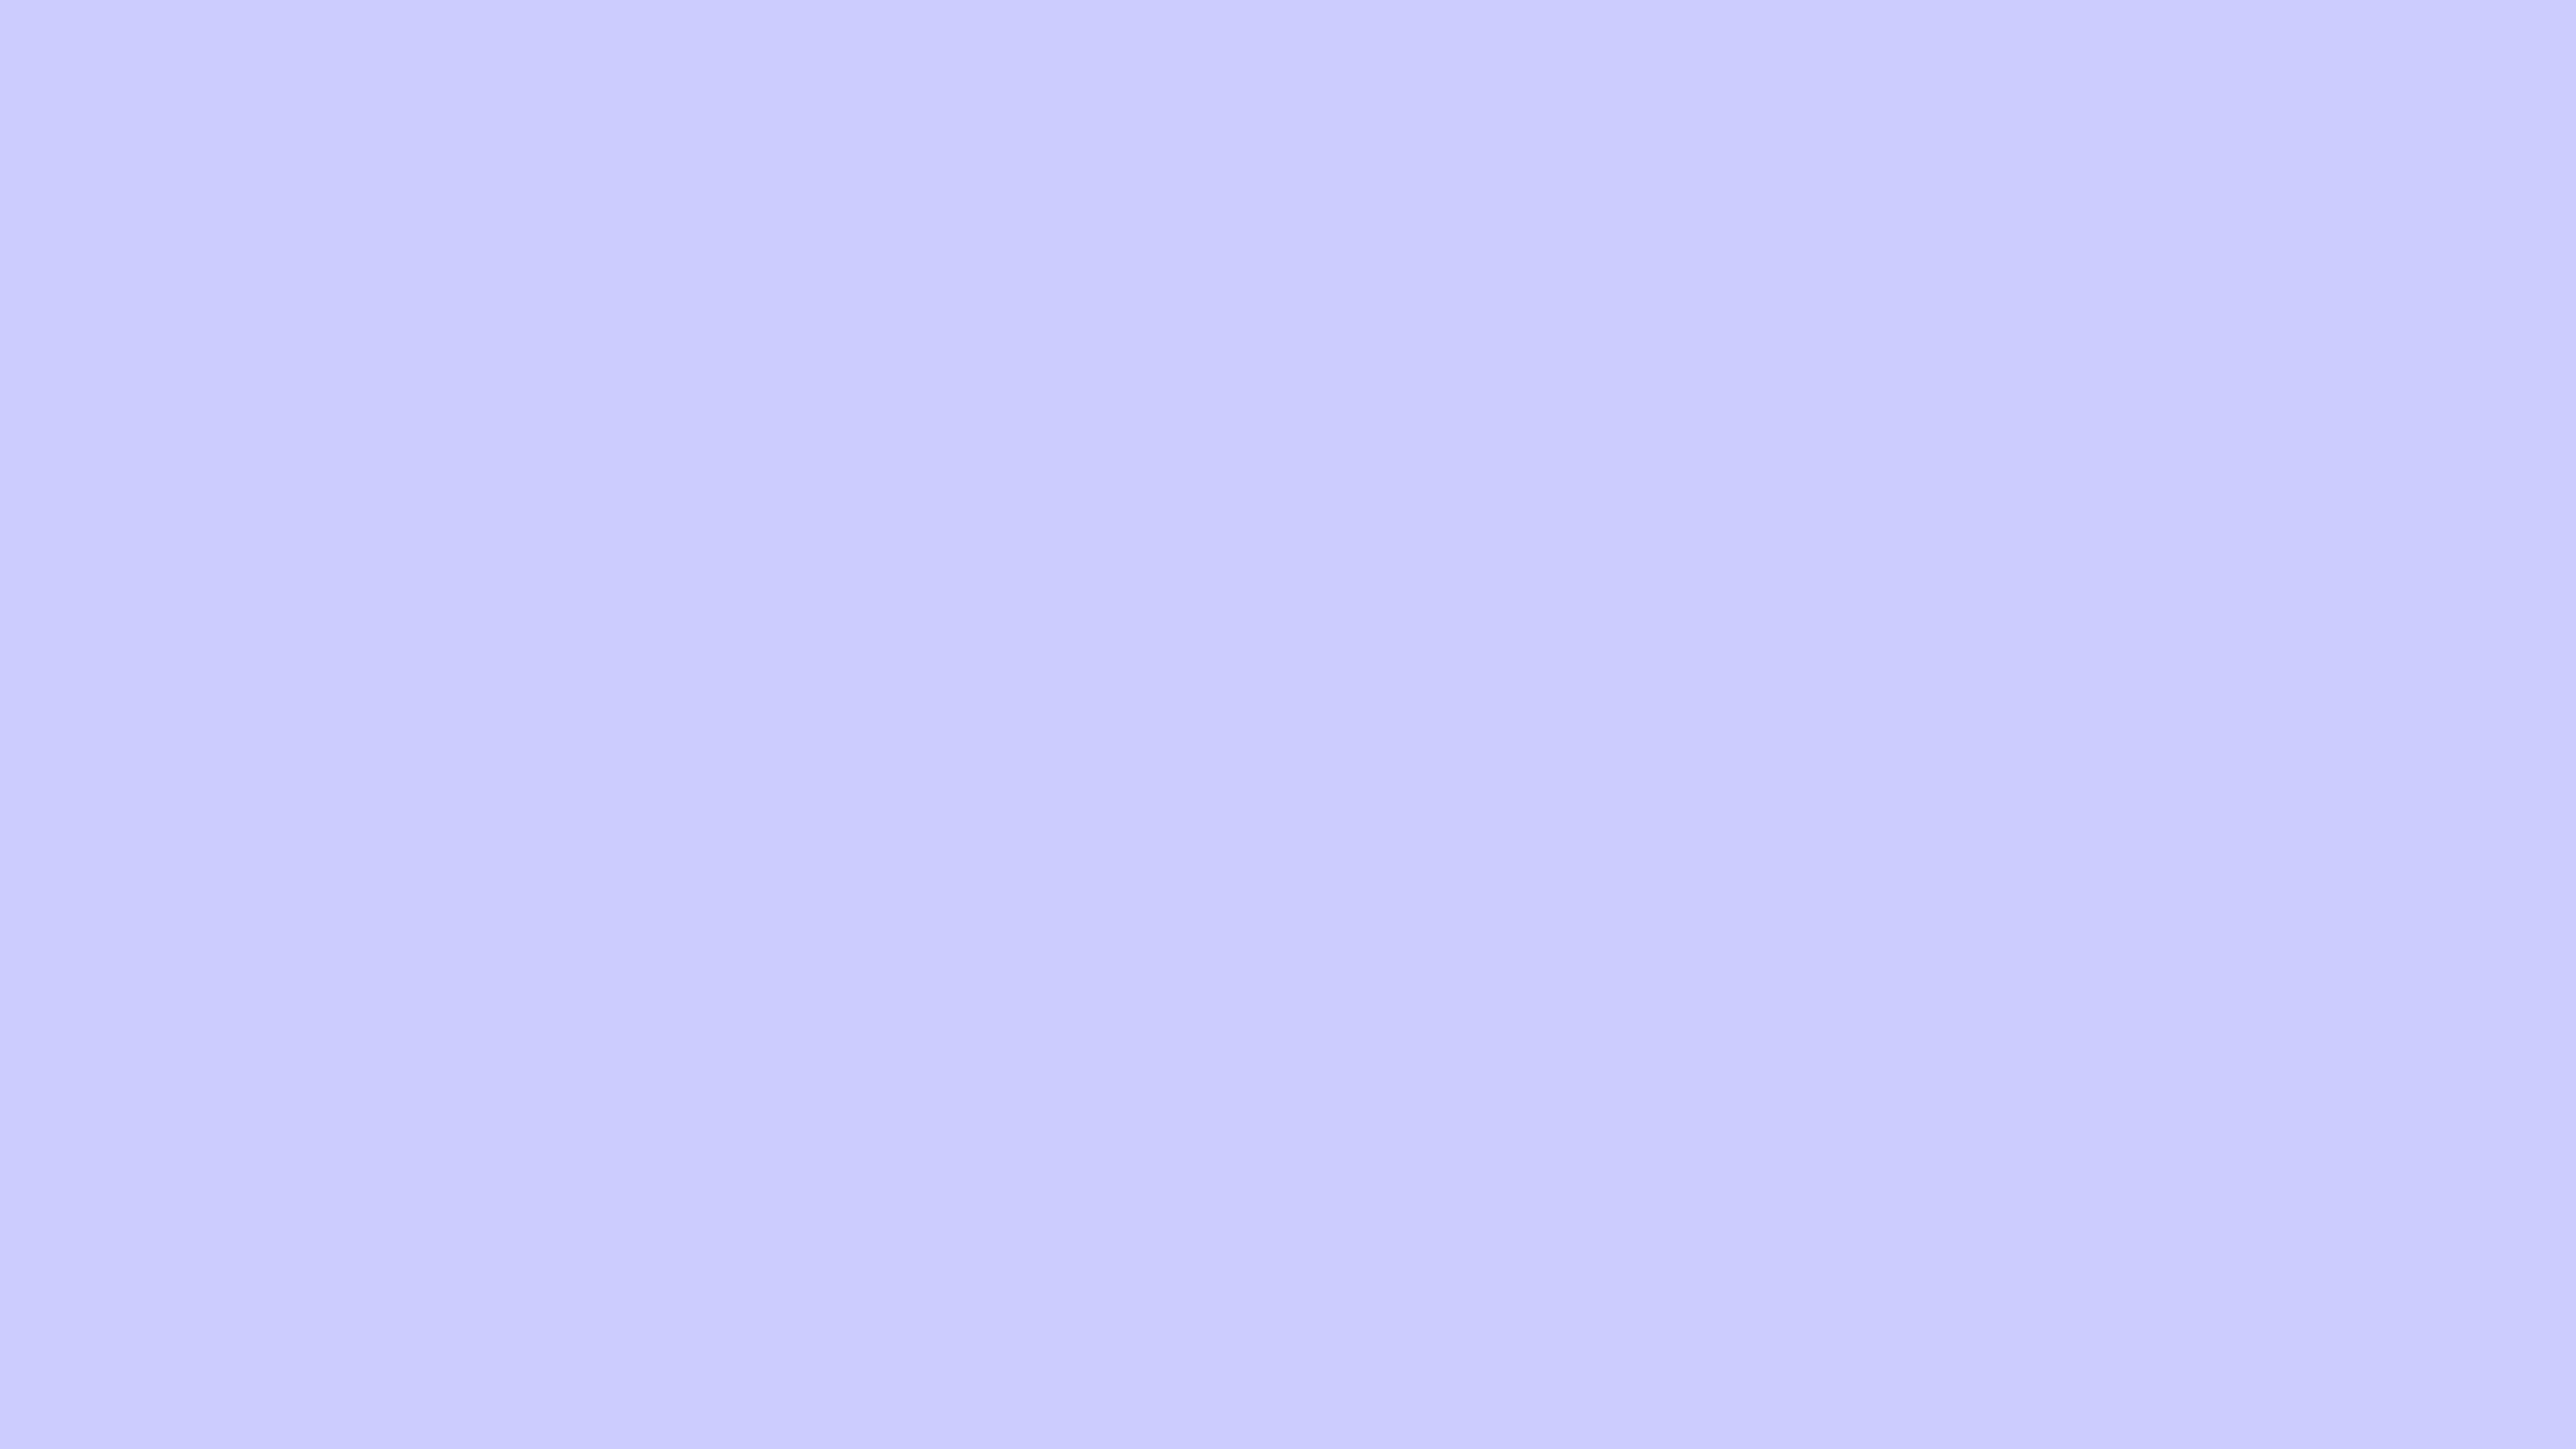 7680x4320 Lavender Blue Solid Color Background